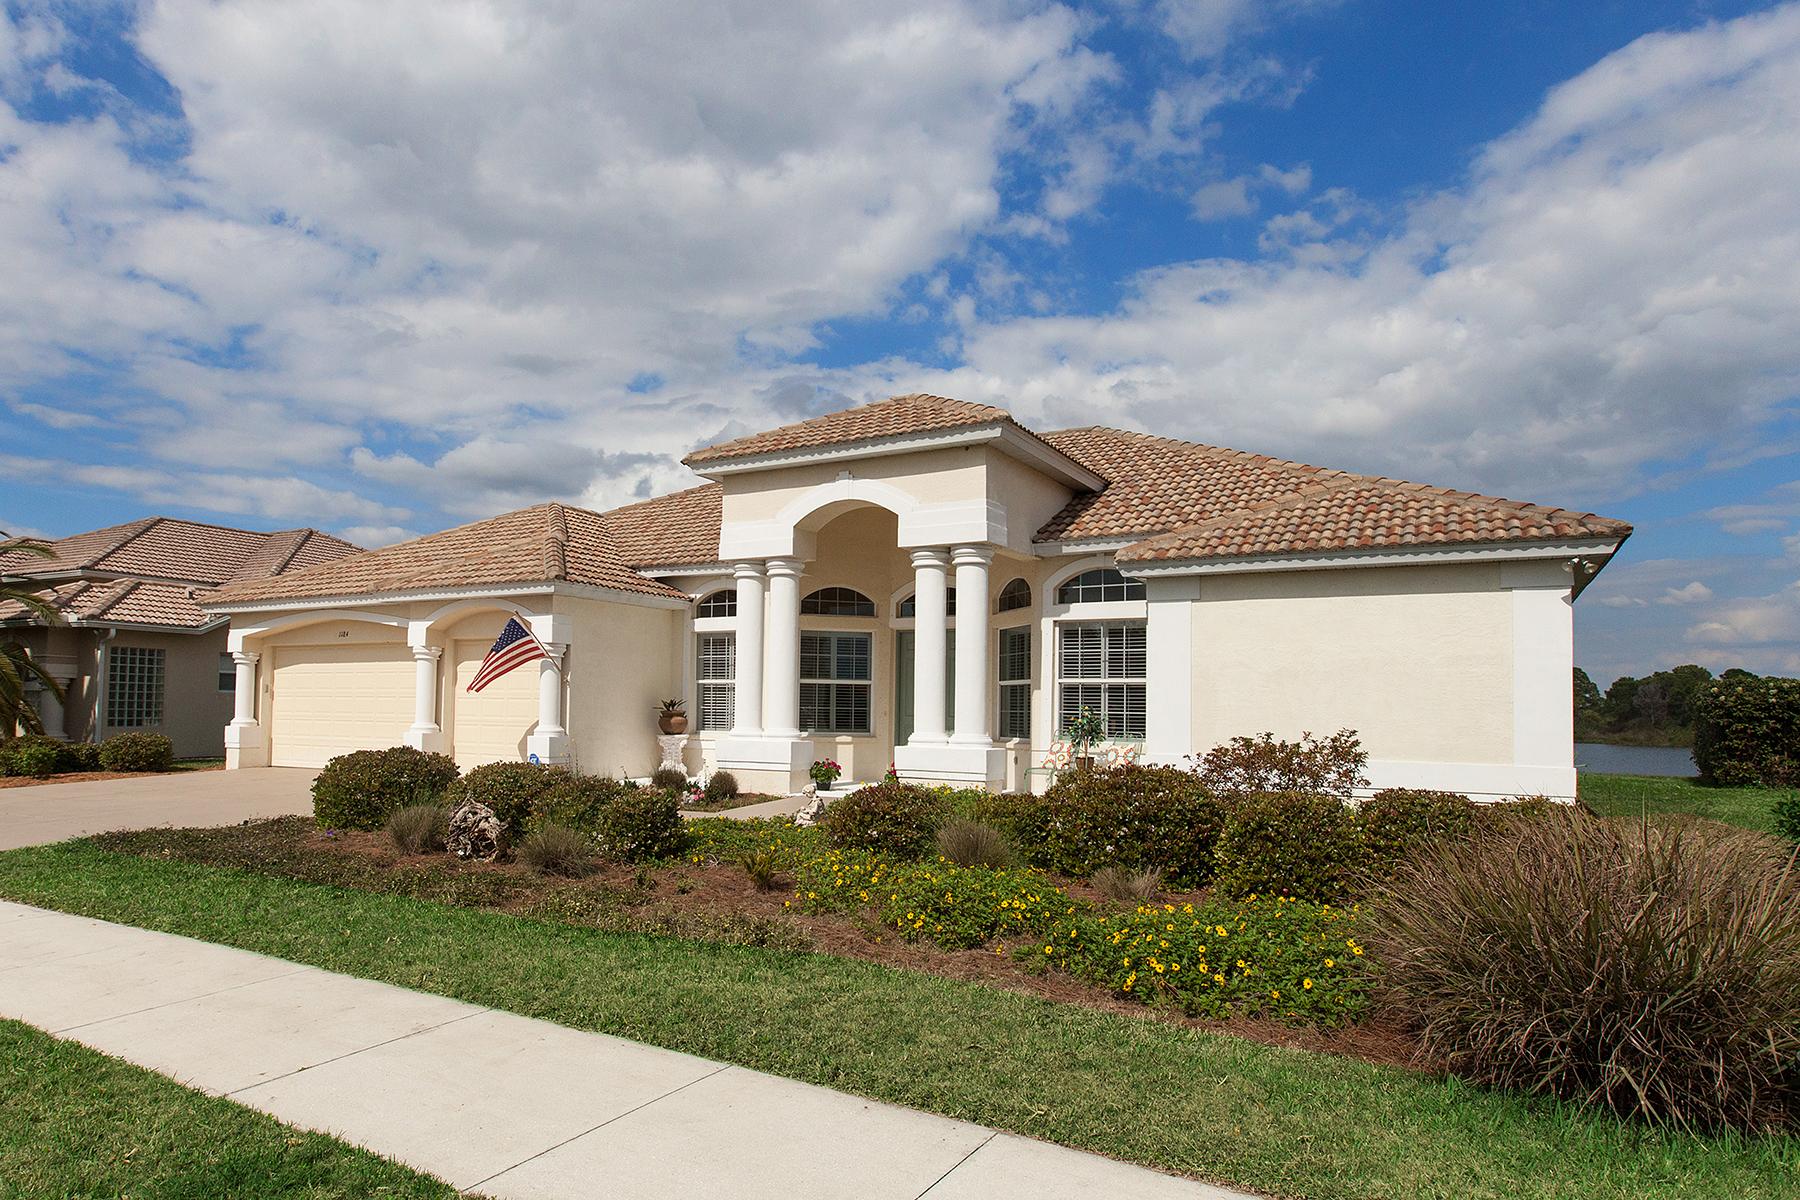 Частный односемейный дом для того Продажа на OSPREY 1184 Mallard Marsh Dr Osprey, Флорида 34229 Соединенные Штаты